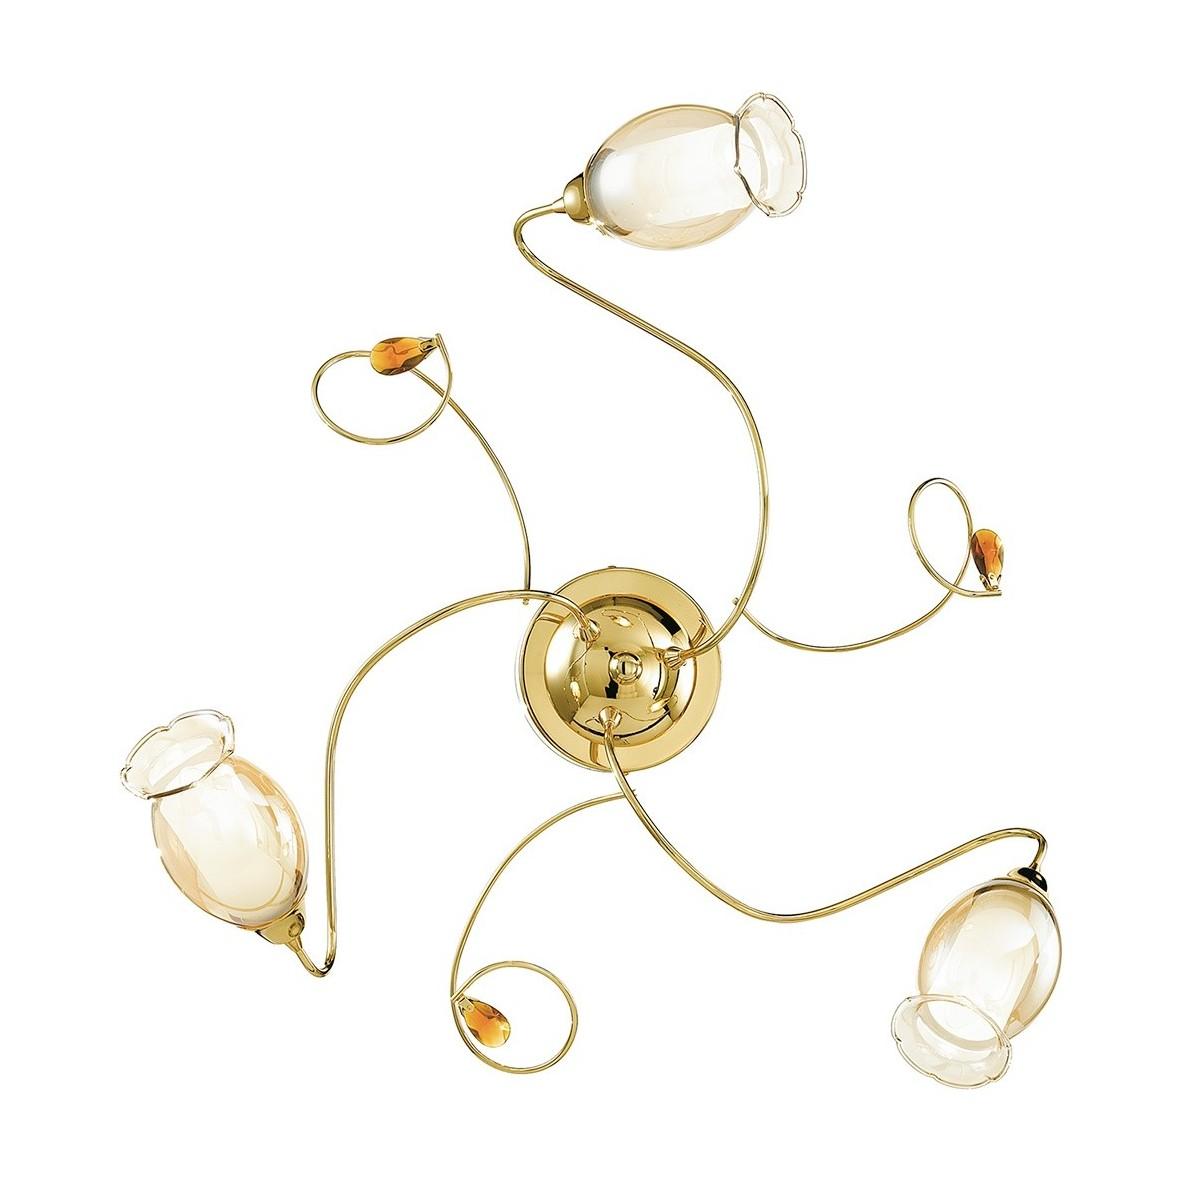 I-ELY / PL3 GOLD - Plafonnier en or avec diffuseurs floraux et décoration en cristal K9 Plafonnier Classic E14